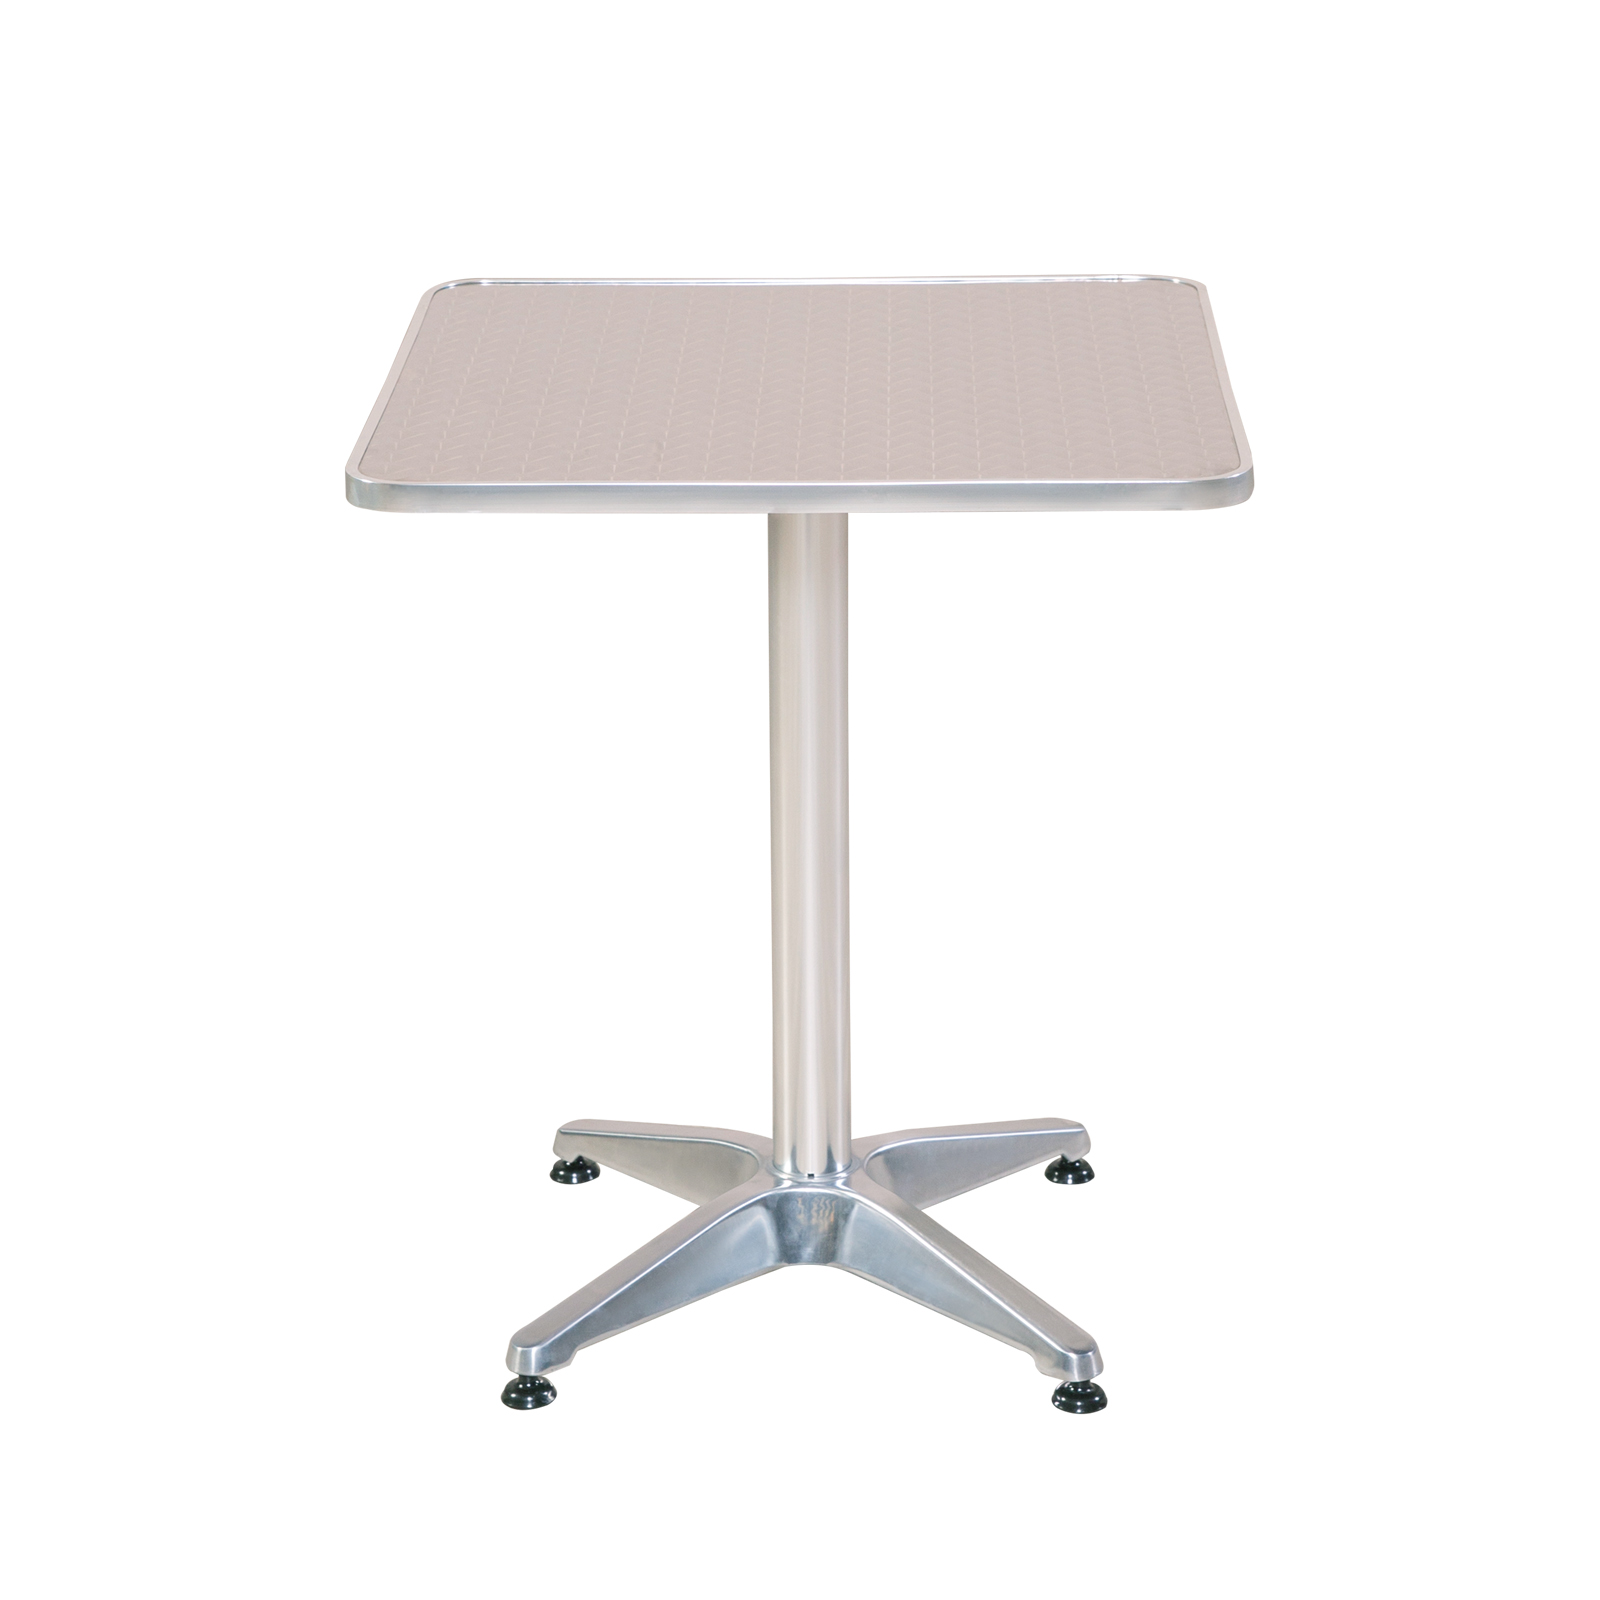 Bistrotisch eckig Aluminium Gartentisch Alu Tisch Beistelltisch ...